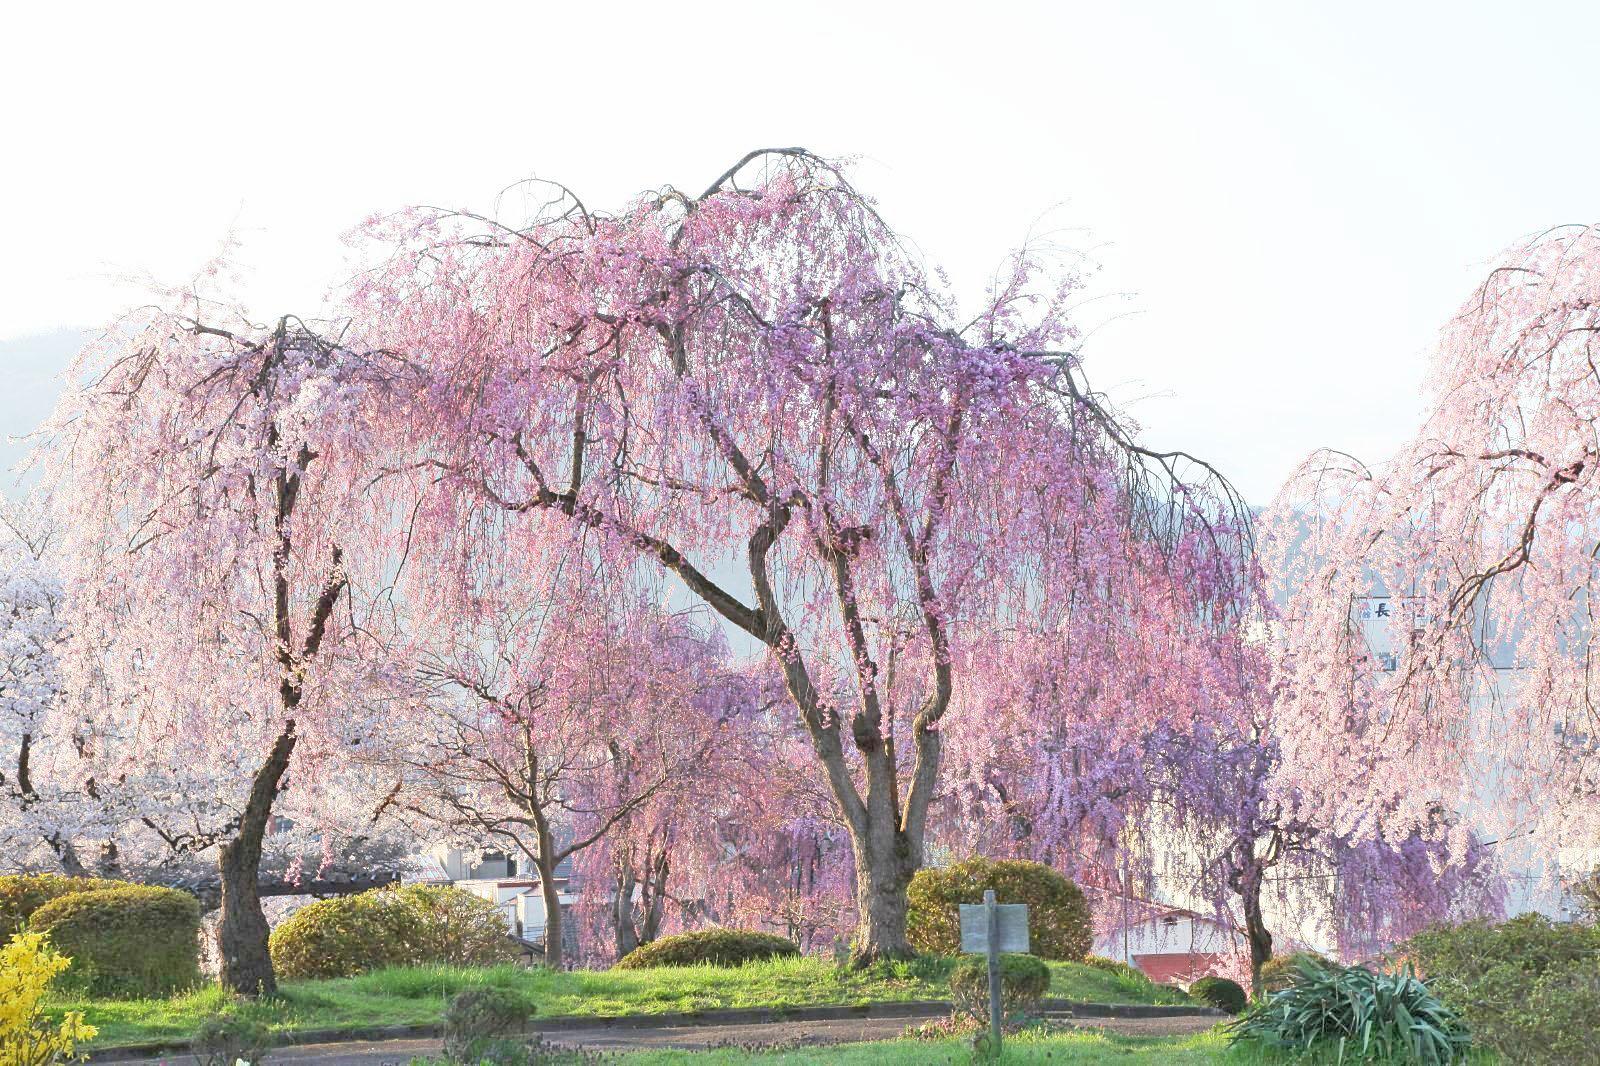 まるで桜色のシャワーのような光景 日の光に透けて見えるその様子は感動的